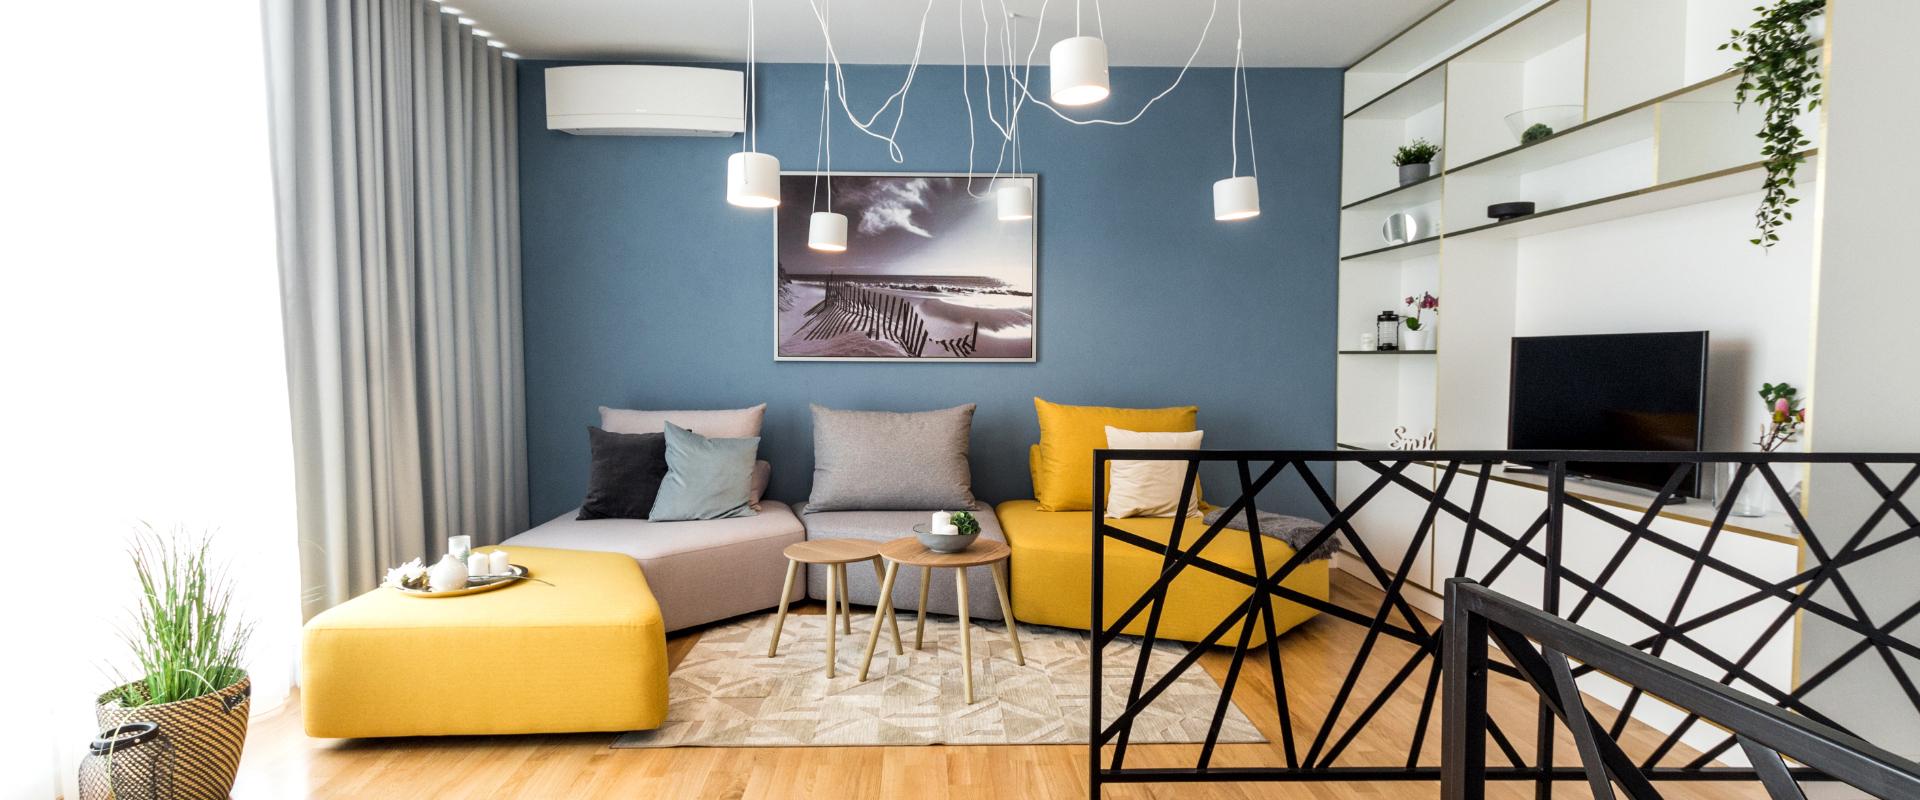 Vanzare casa, vila 5 camere | Finisare premium, gradina, 2020 | Pipera [ID: 981690]